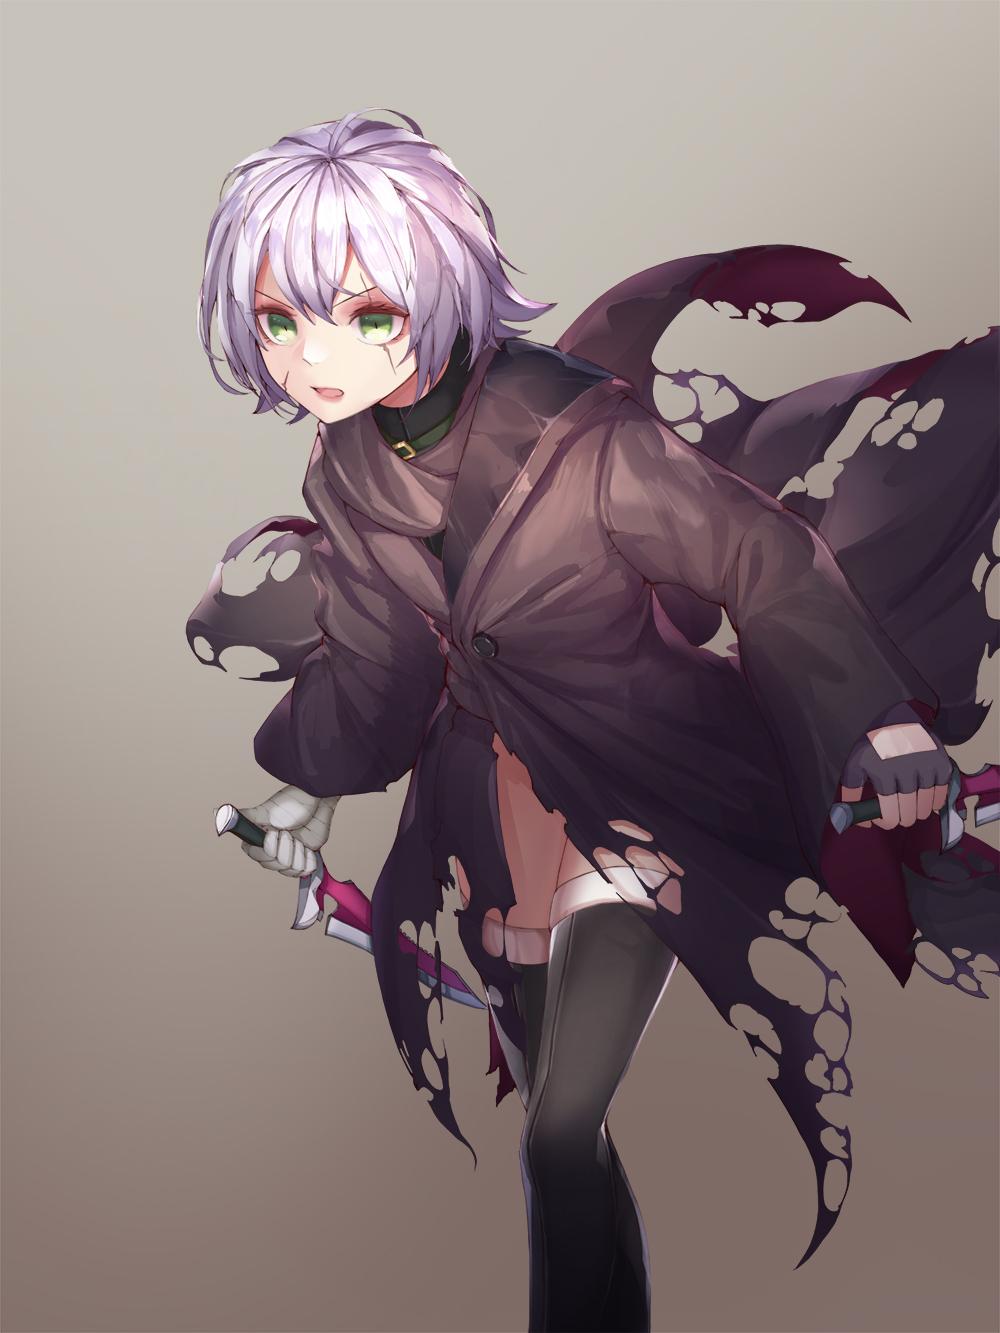 Black assassin download black assassin image